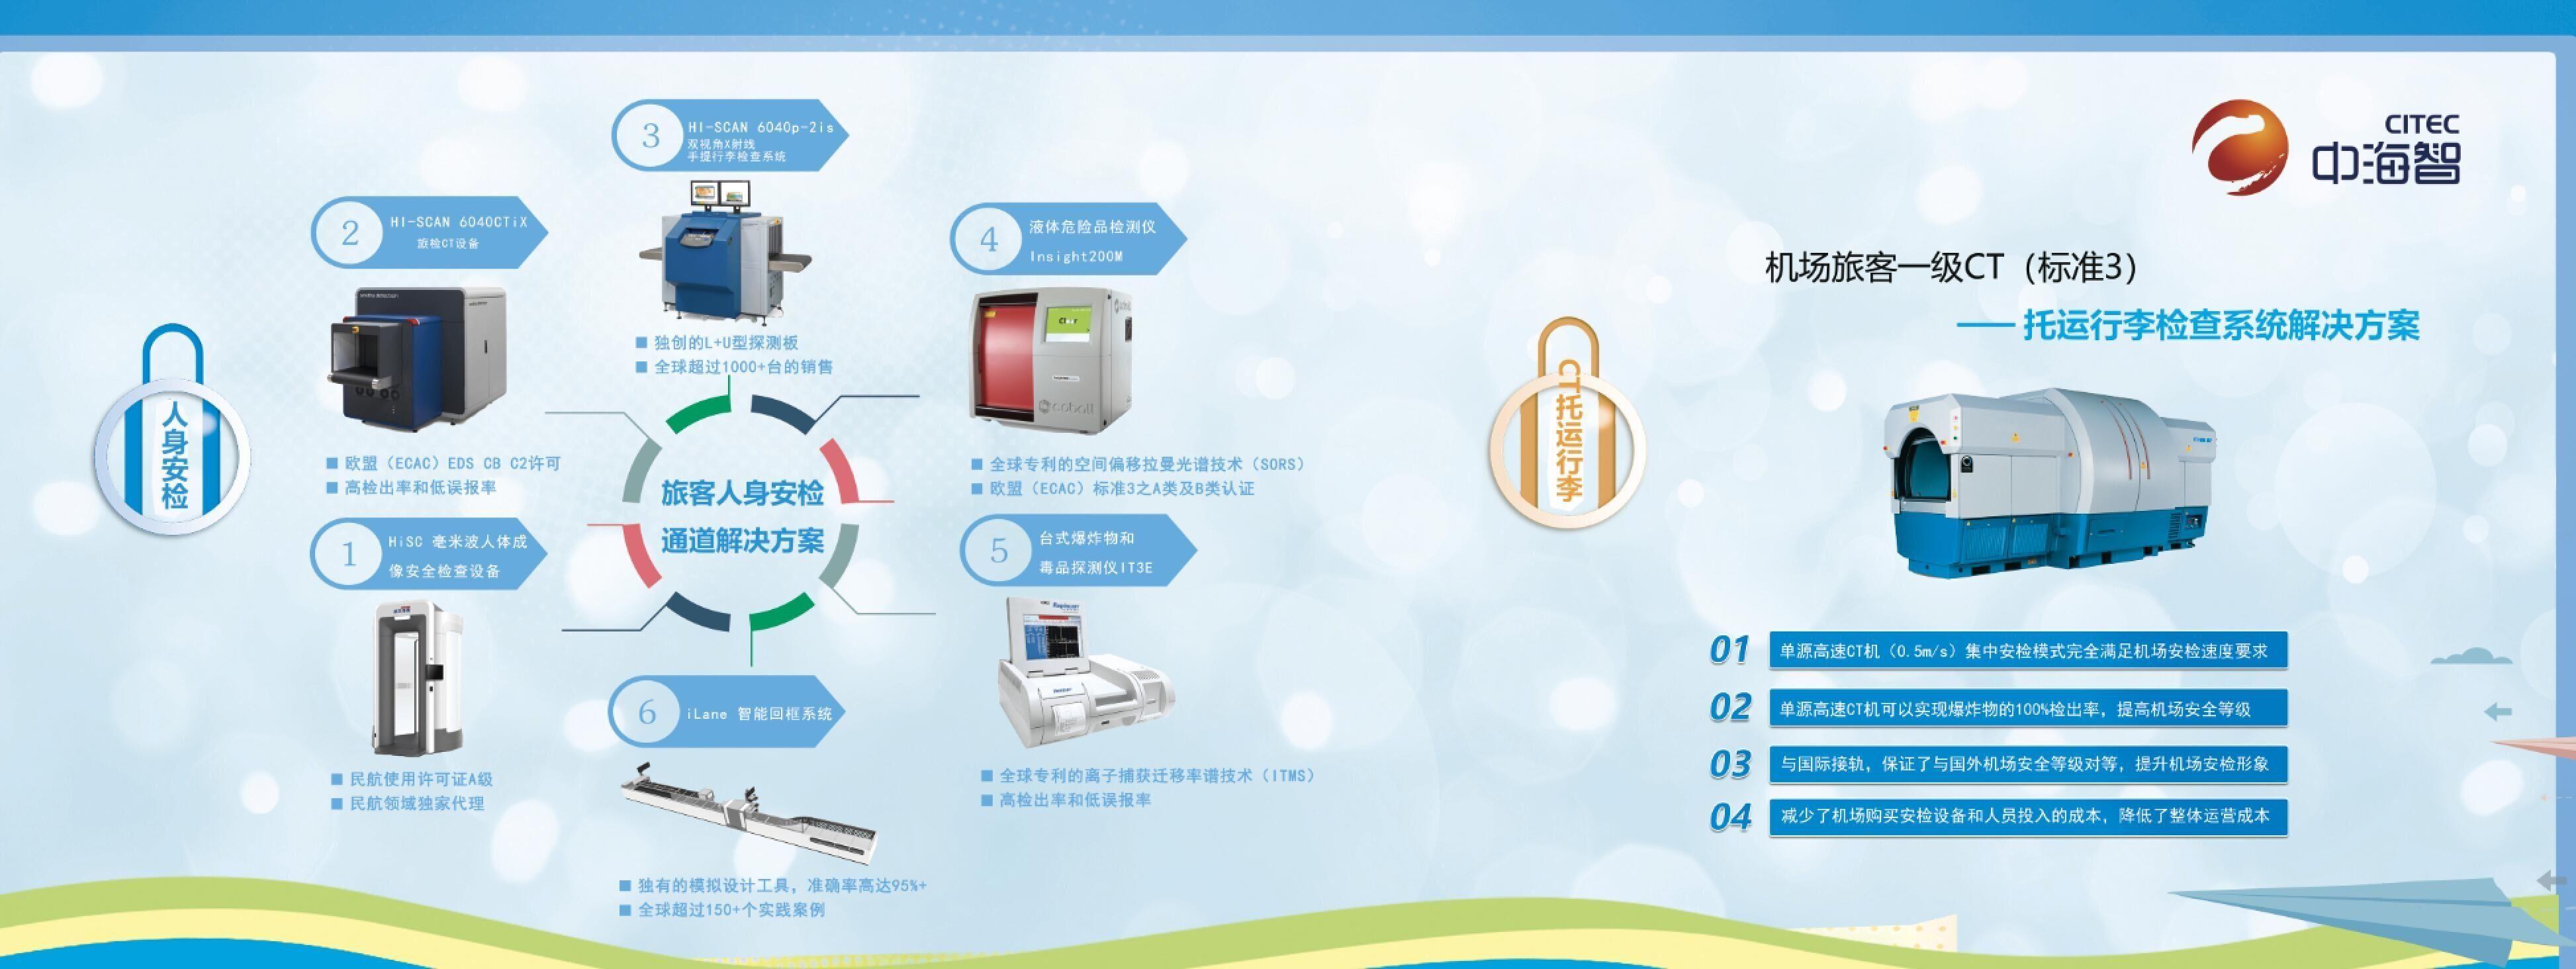 中海智公司携安检新产品亮相2019全国民航安保科技展